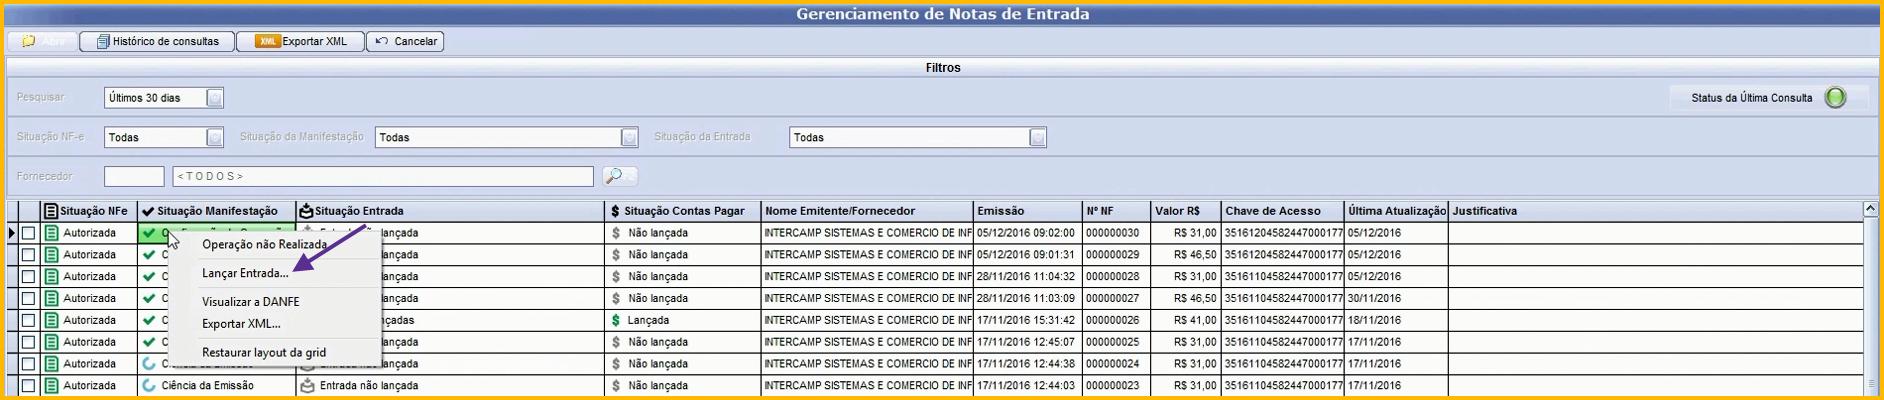 261b0f48b Caso o fornecedor não esteja cadastrado, ao clicar na opção Lançar Entrada,  o sistema irá solicitar que o usuário confirme o cadastro.